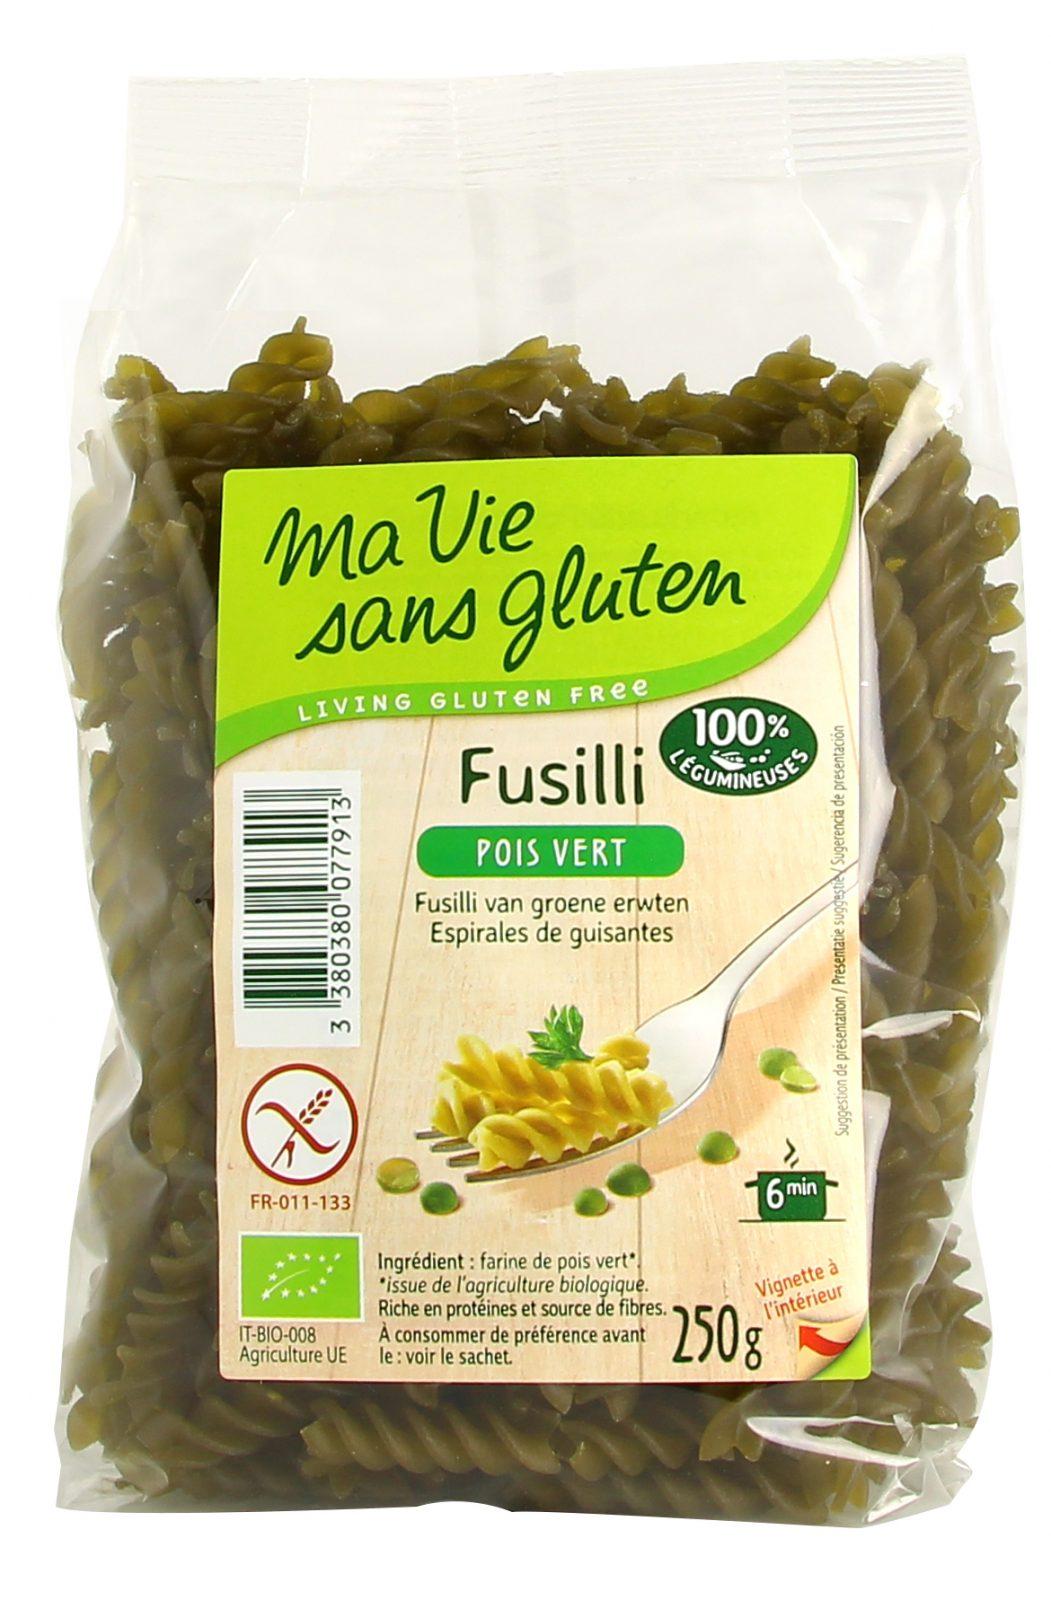 Ma vie sans gluten - Pâte - Fusilli pois vert - 250g